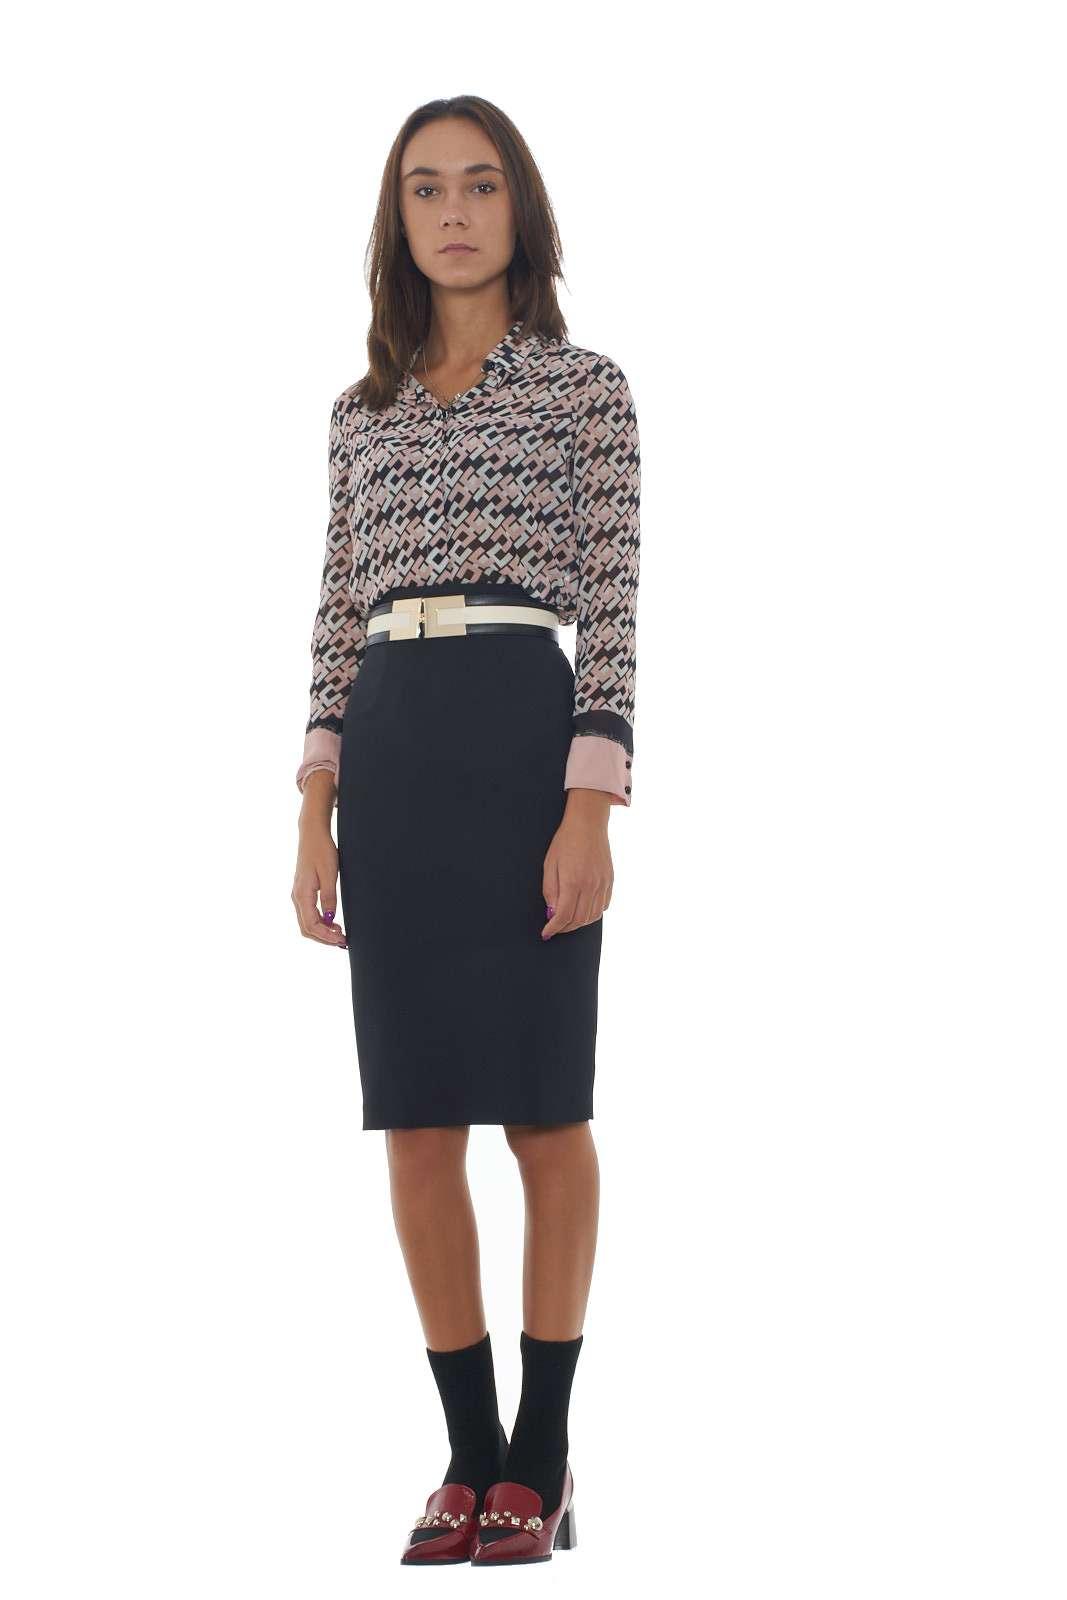 https://www.parmax.com/media/catalog/product/a/i/AI-outlet_parmax-camicia-donna-Elisabetta-Franchi-CA22996E2-D_1.jpg